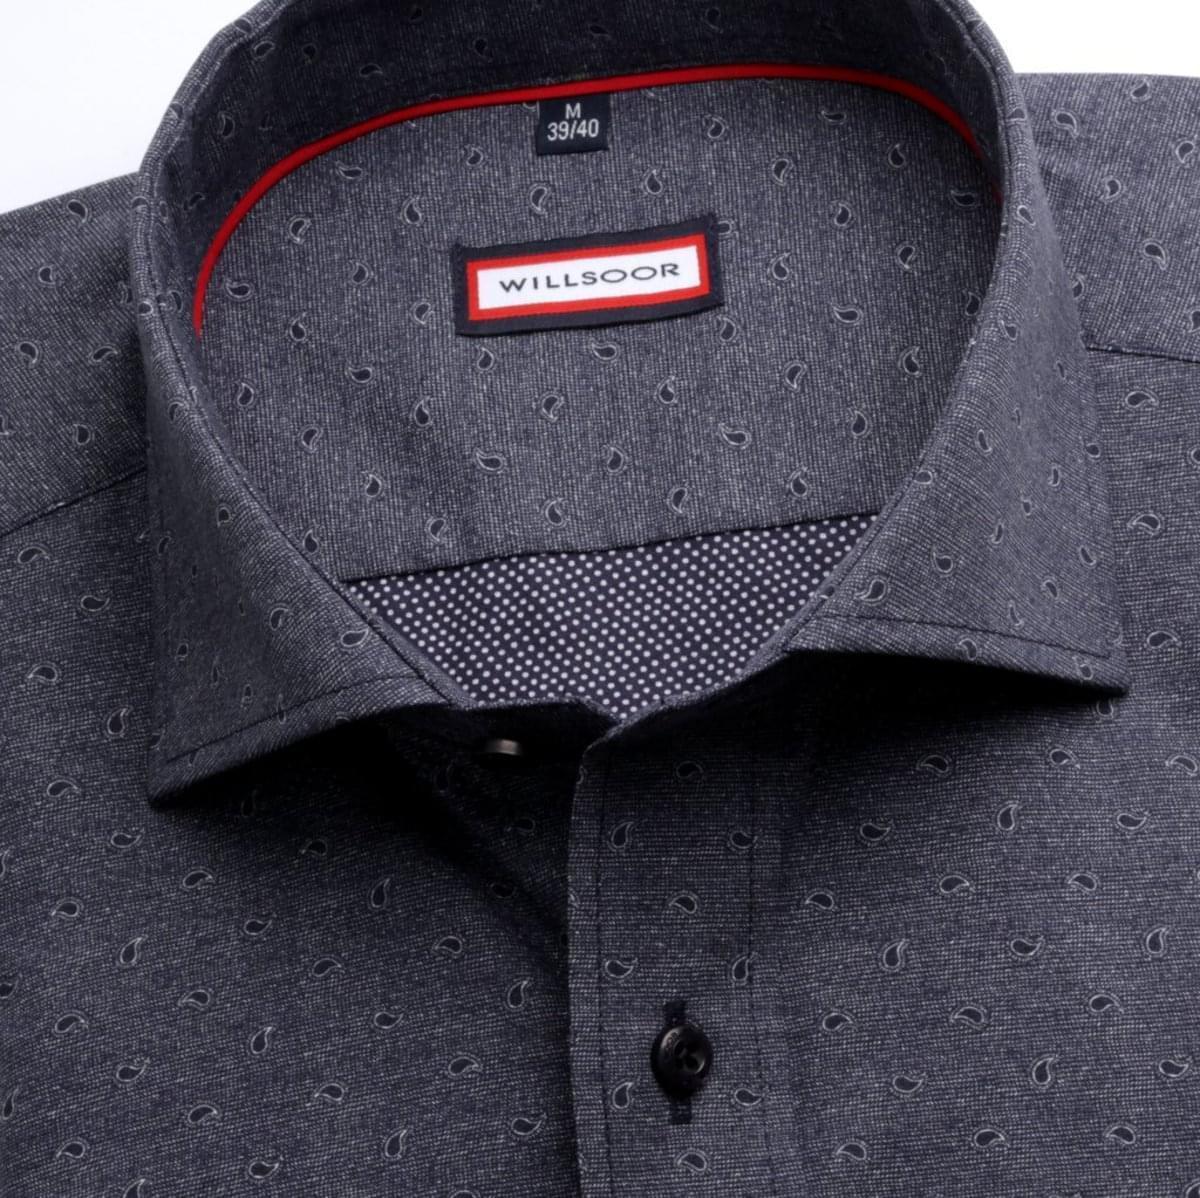 Pánská slim fit košile (výška 176-182) 6981 v grafitové barvě s formulí Easy Care 176-182 / L (41/42)